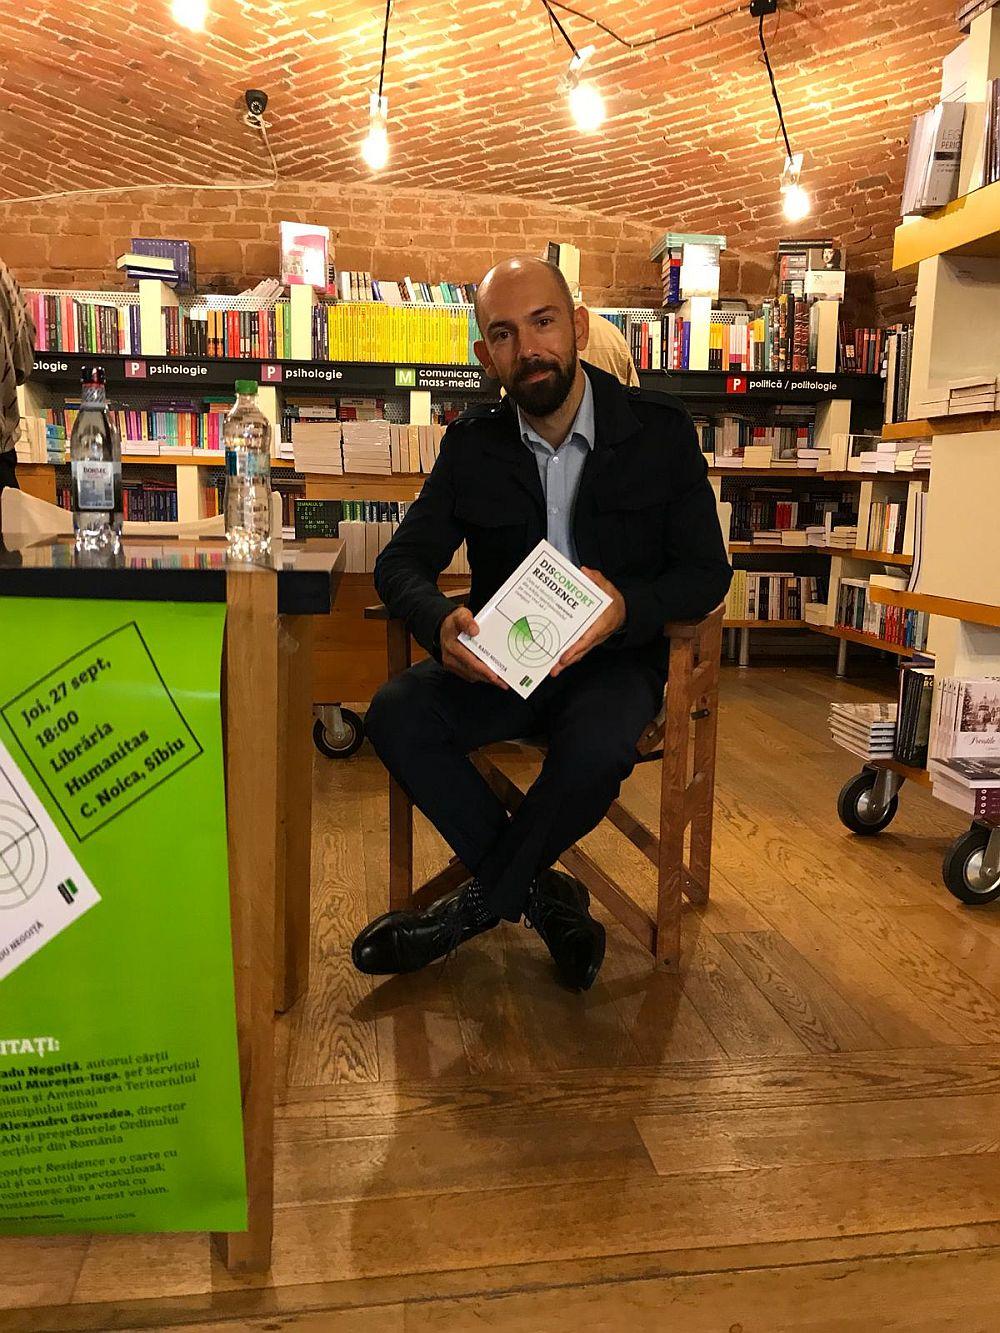 Arhitectul Radu Negoiță la lansarea cărții sale de la Sibiu - fotografie trimisă special pentru cititorii blogului meu. Poți sta de vorbă cu arhitectul bucureștean pe 3 octombrie la Iași la Fab Lab, pe 11 octombrie la Constanța la Cărturești - City Park Mall și pe 18 octombrie la Timișoara la Cartea de Nisip.